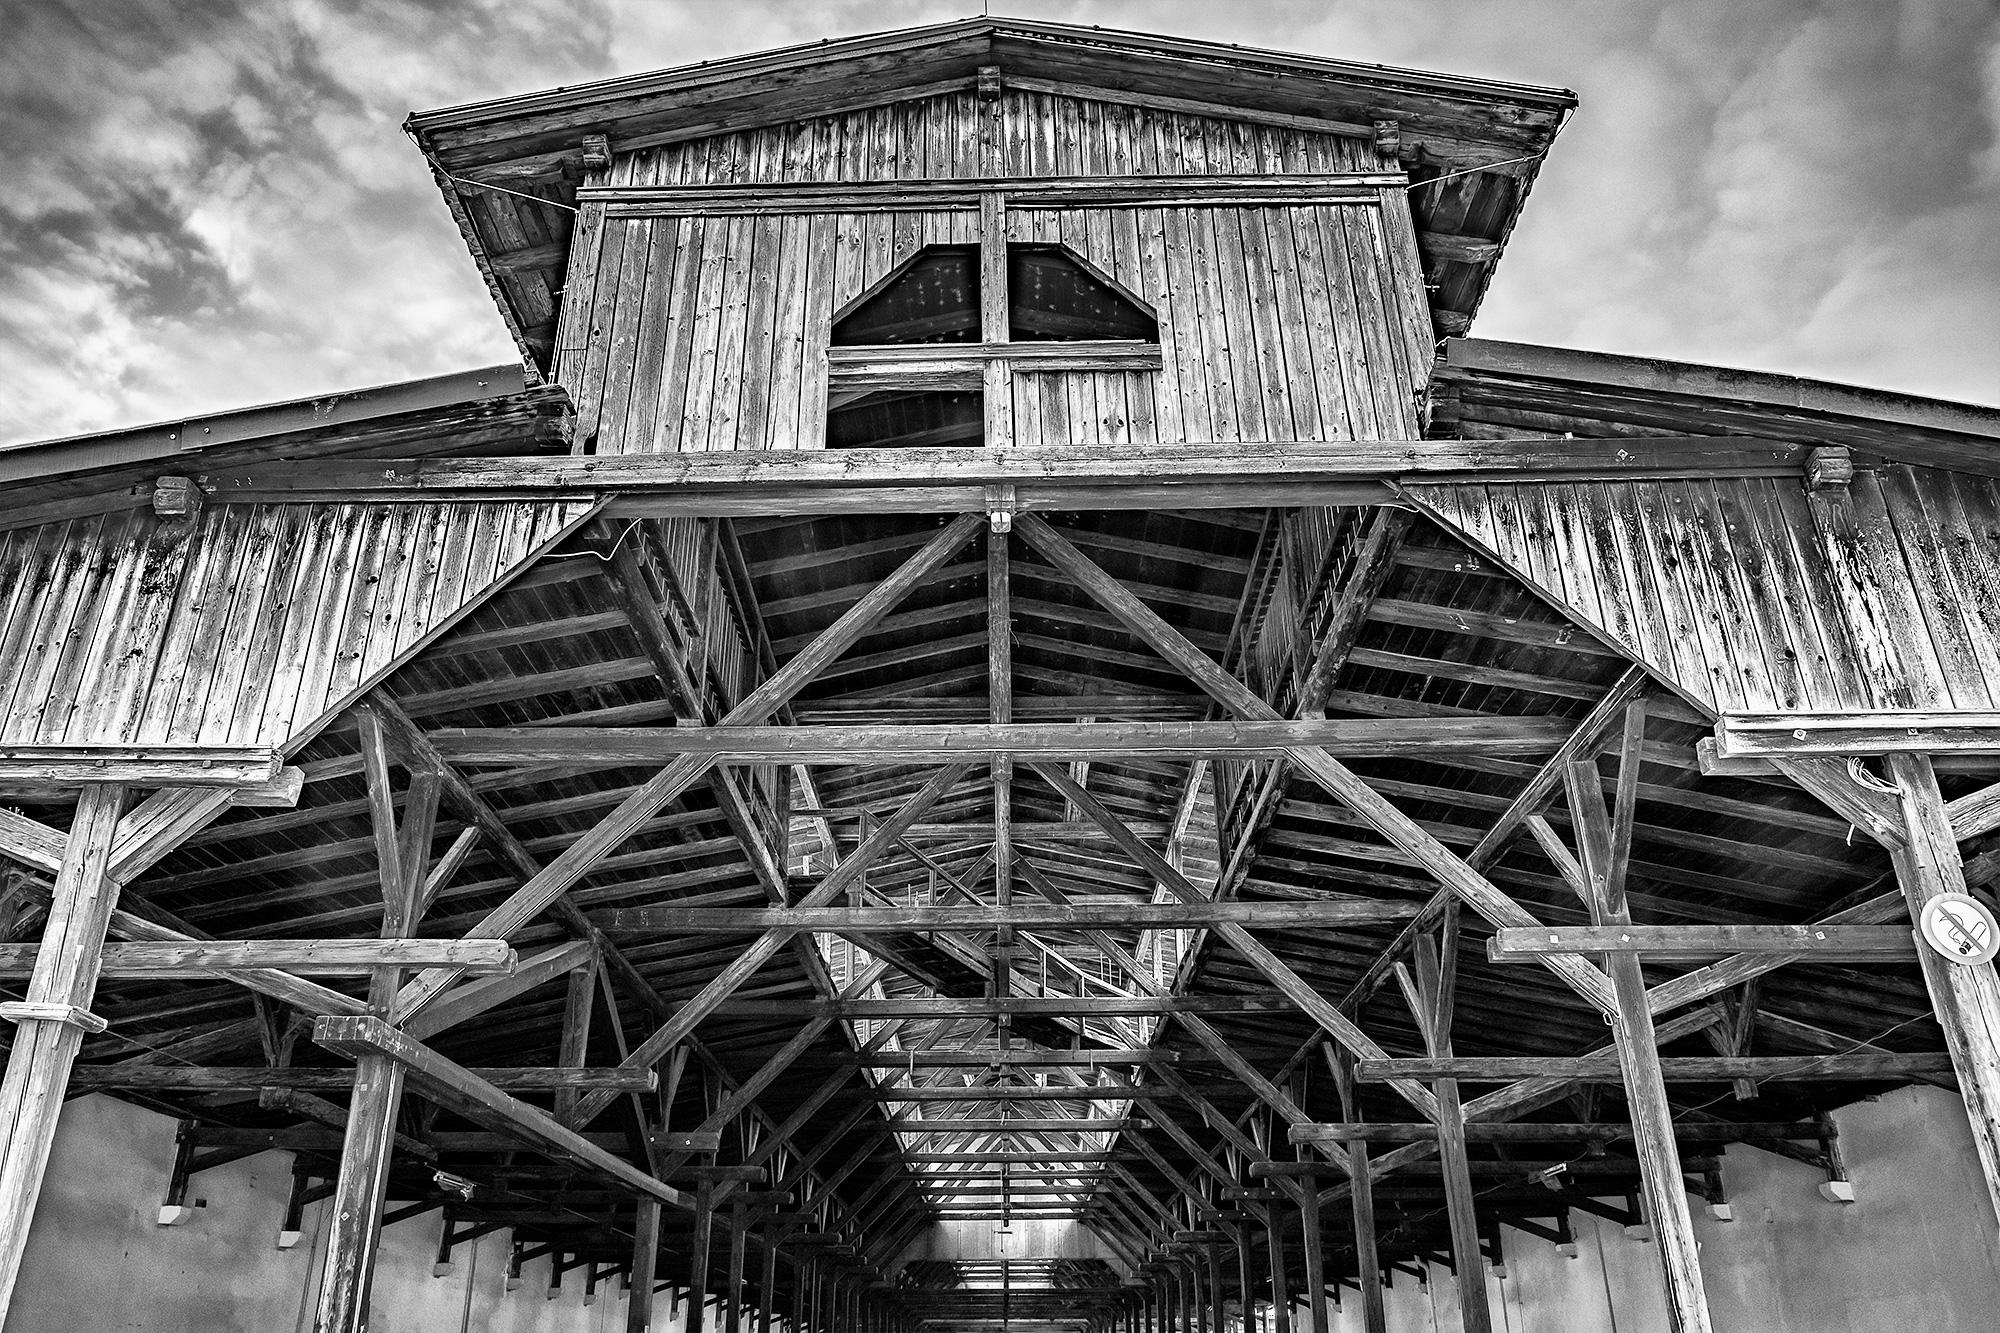 Holzdach einer Halle